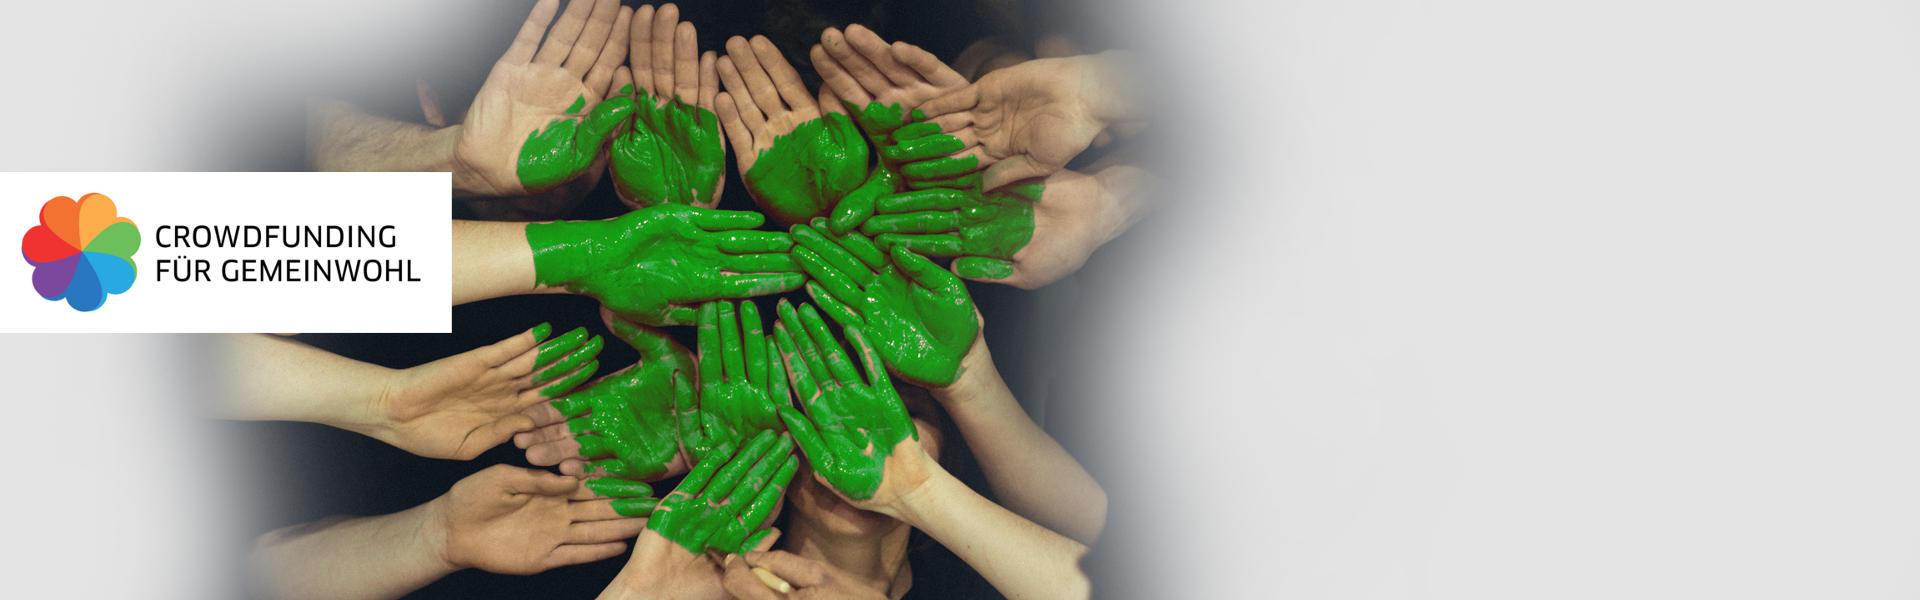 Crowdfunding für Gemeinwohl // Hände mit grünem Herz